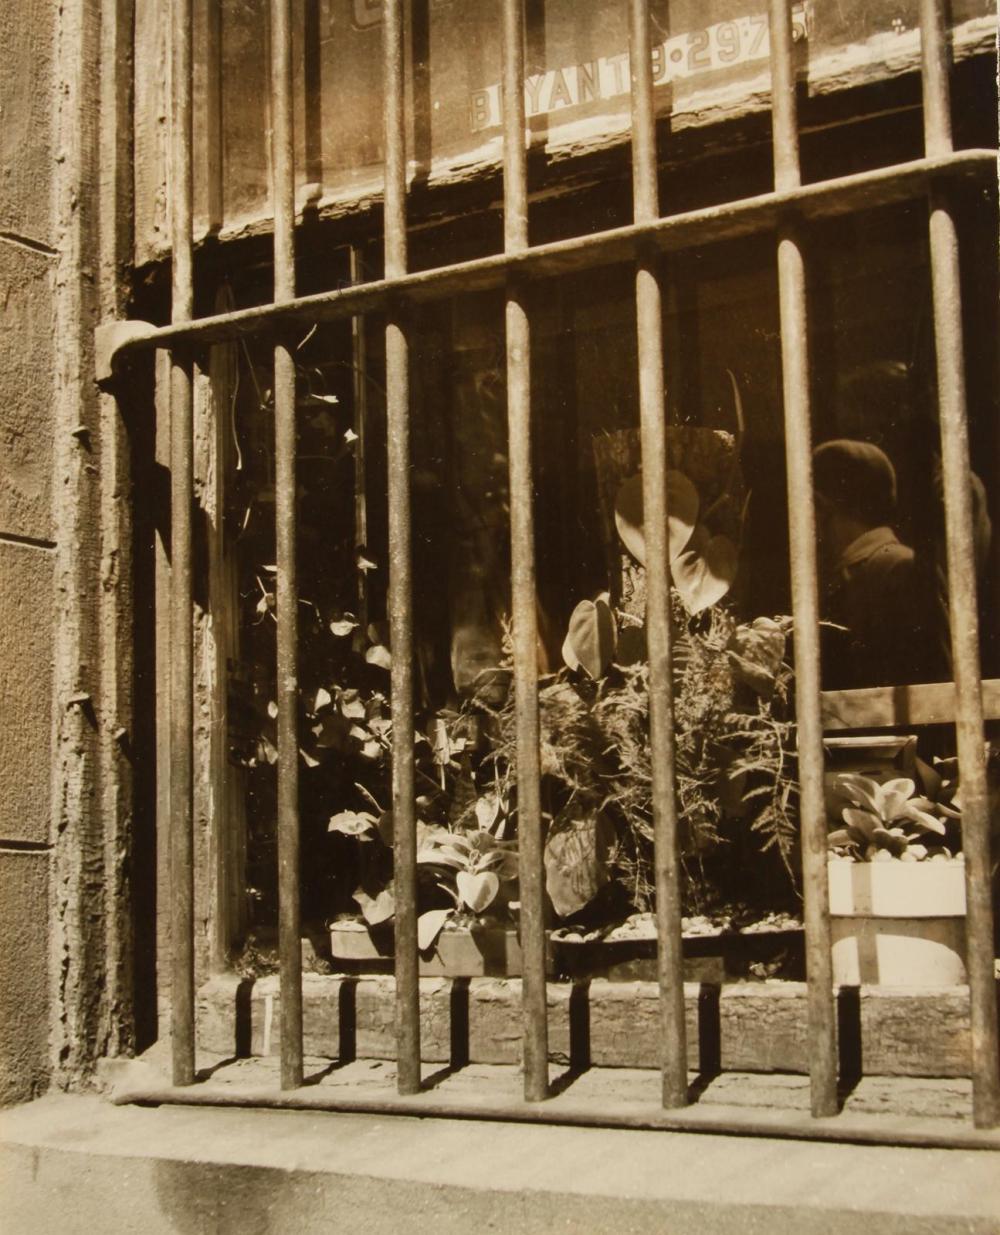 """SAM MAHL VINTAGE VINTAGE PHOTO """"WINDOW W/ BARS"""" 1959"""